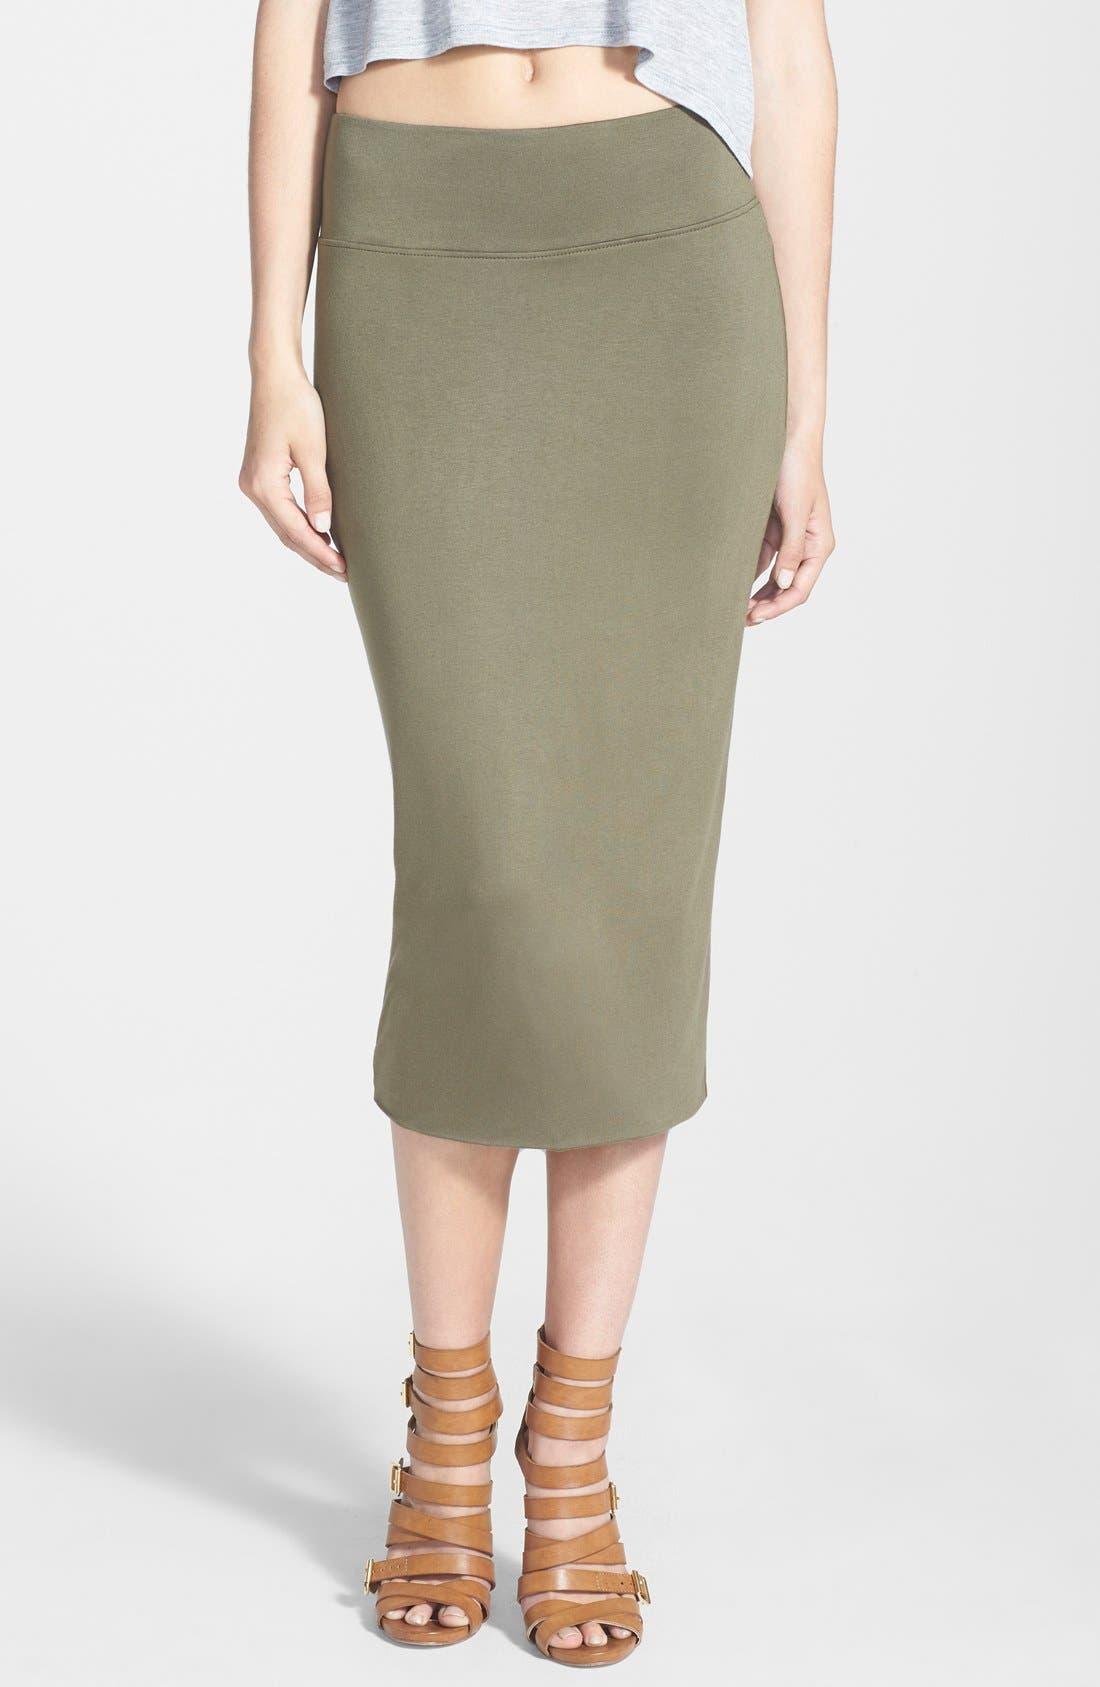 Alternate Image 1 Selected - Leith High Waist Tube Midi Skirt